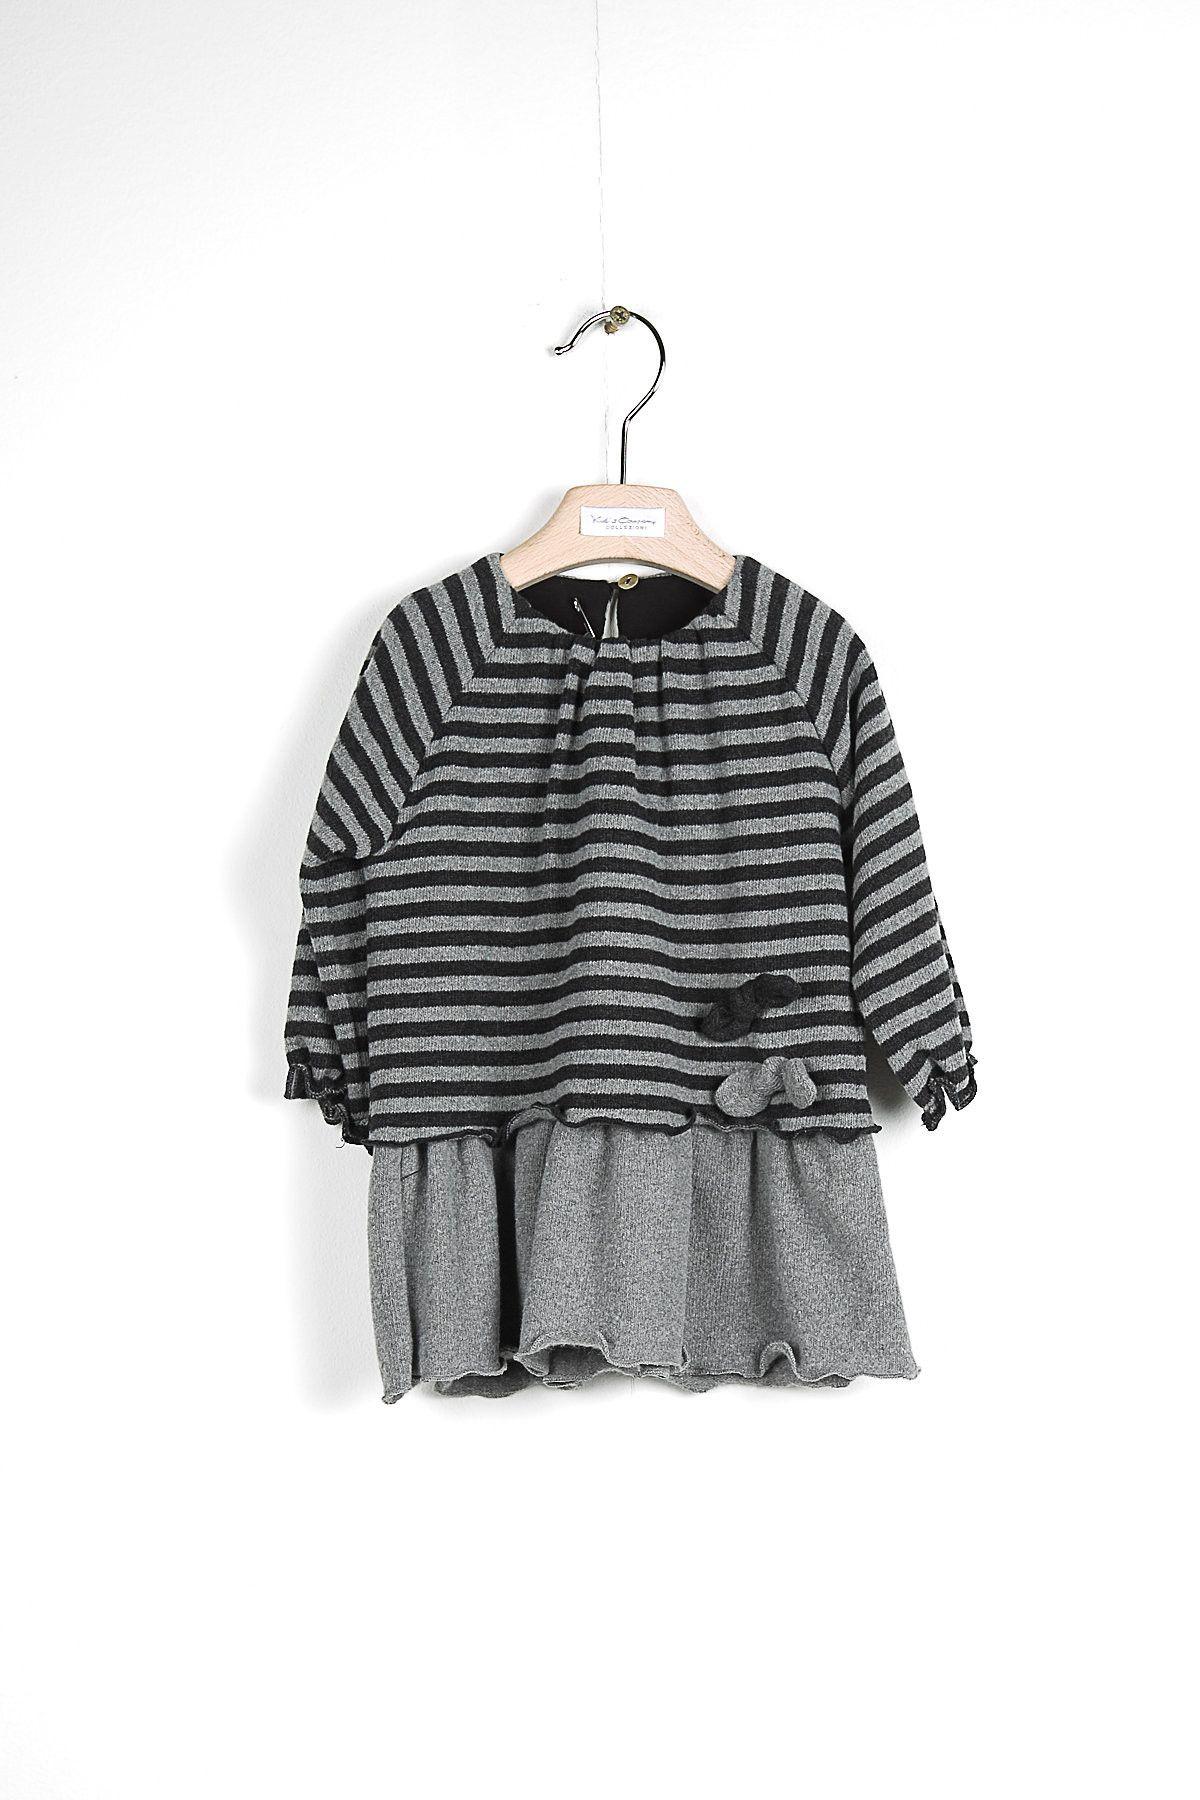 Vestito soft righe antracite fiocchetti KID'S COMPANY 72K1834